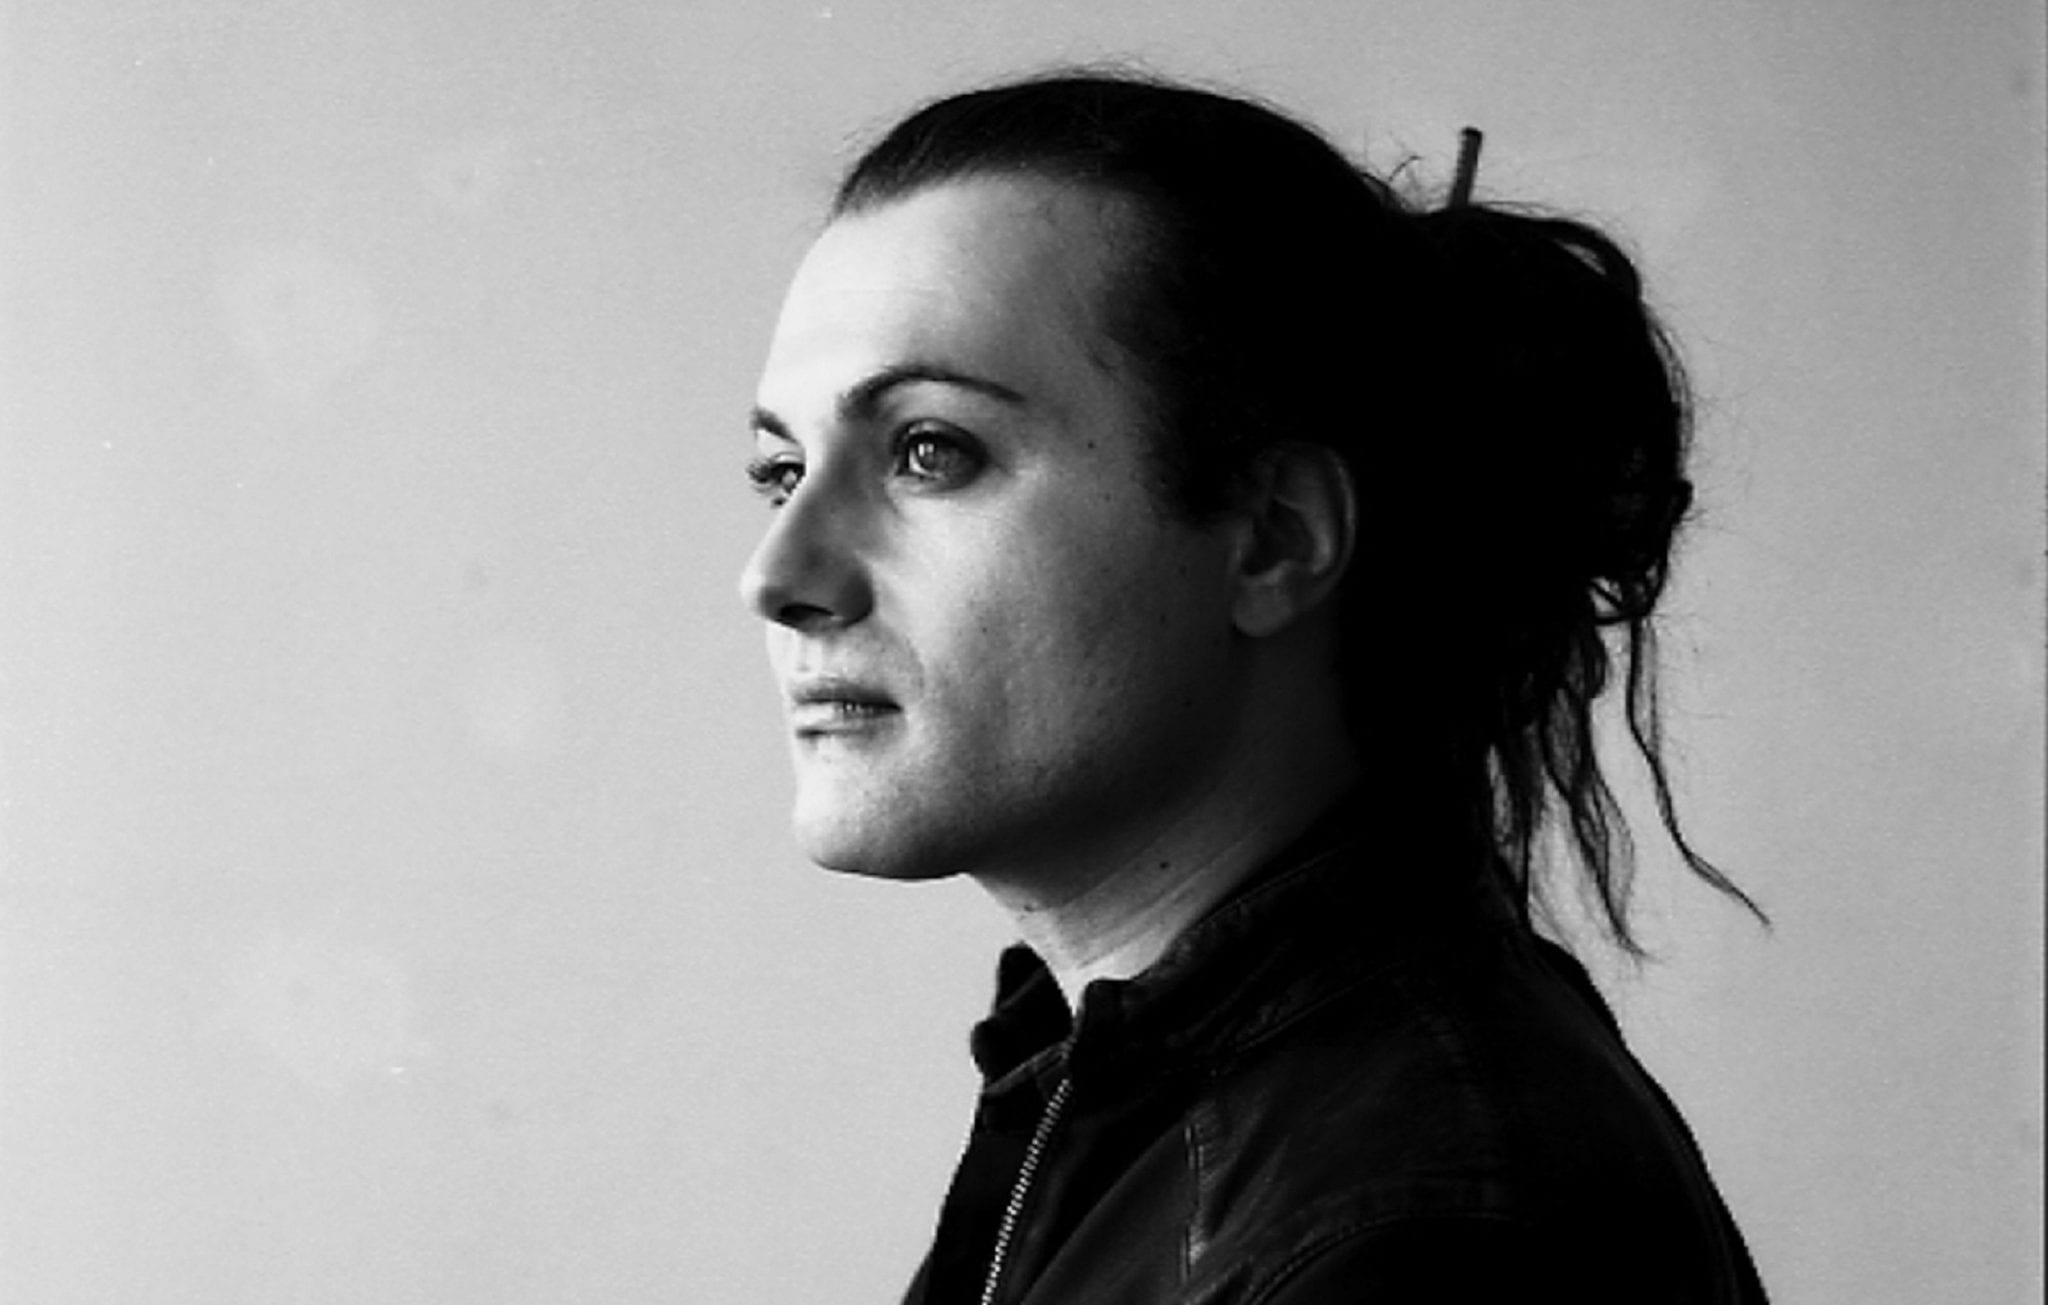 Presentato il Padiglione Italia alla Biennale di Venezia. Milovan Farronato lo racconta ad ArtsLife